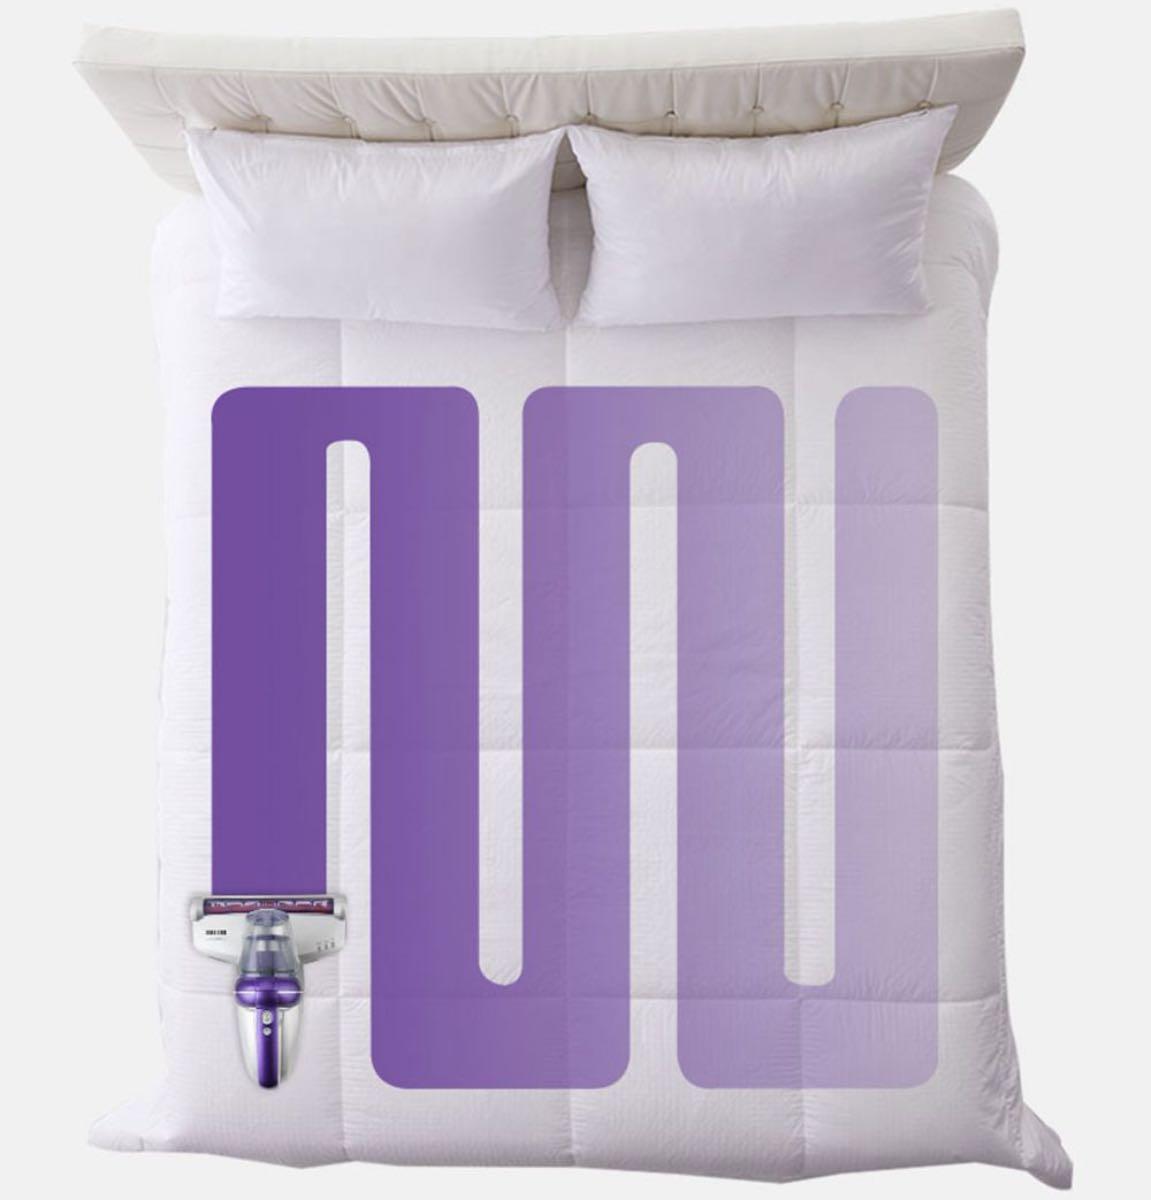 offerta aspirapolvere battimaterasso sterilizzatore portatile 2